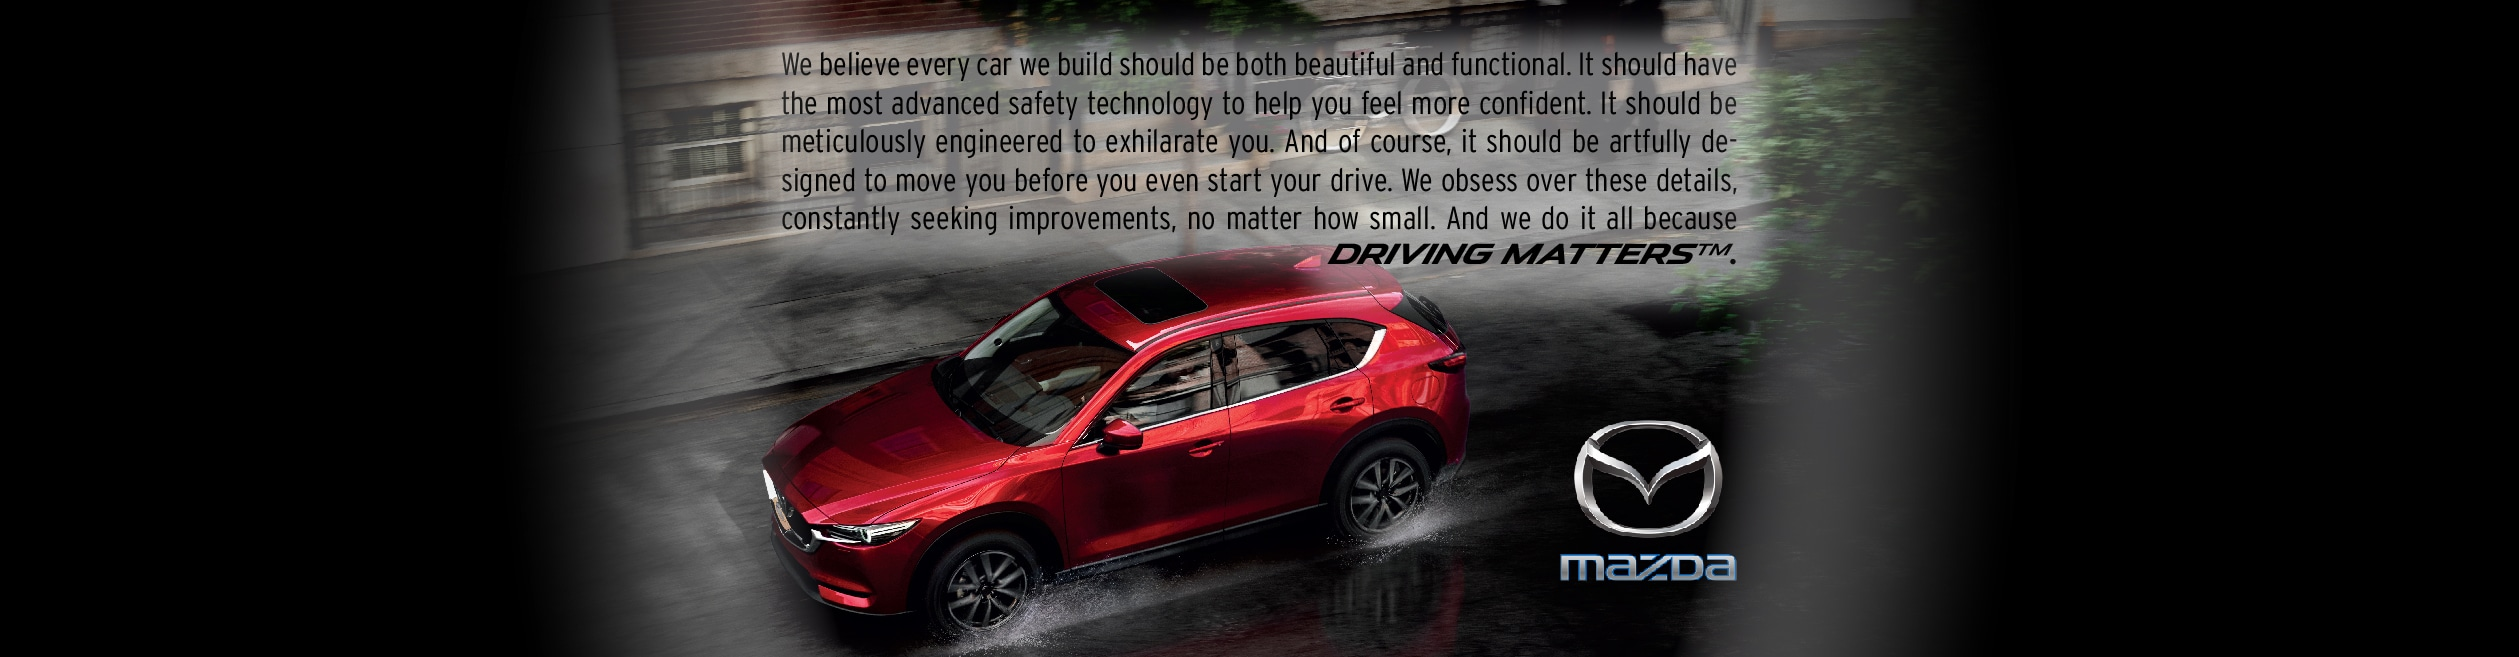 Mazda Glendale Ca Los Angeles Mazda Dealer New Used Cars At